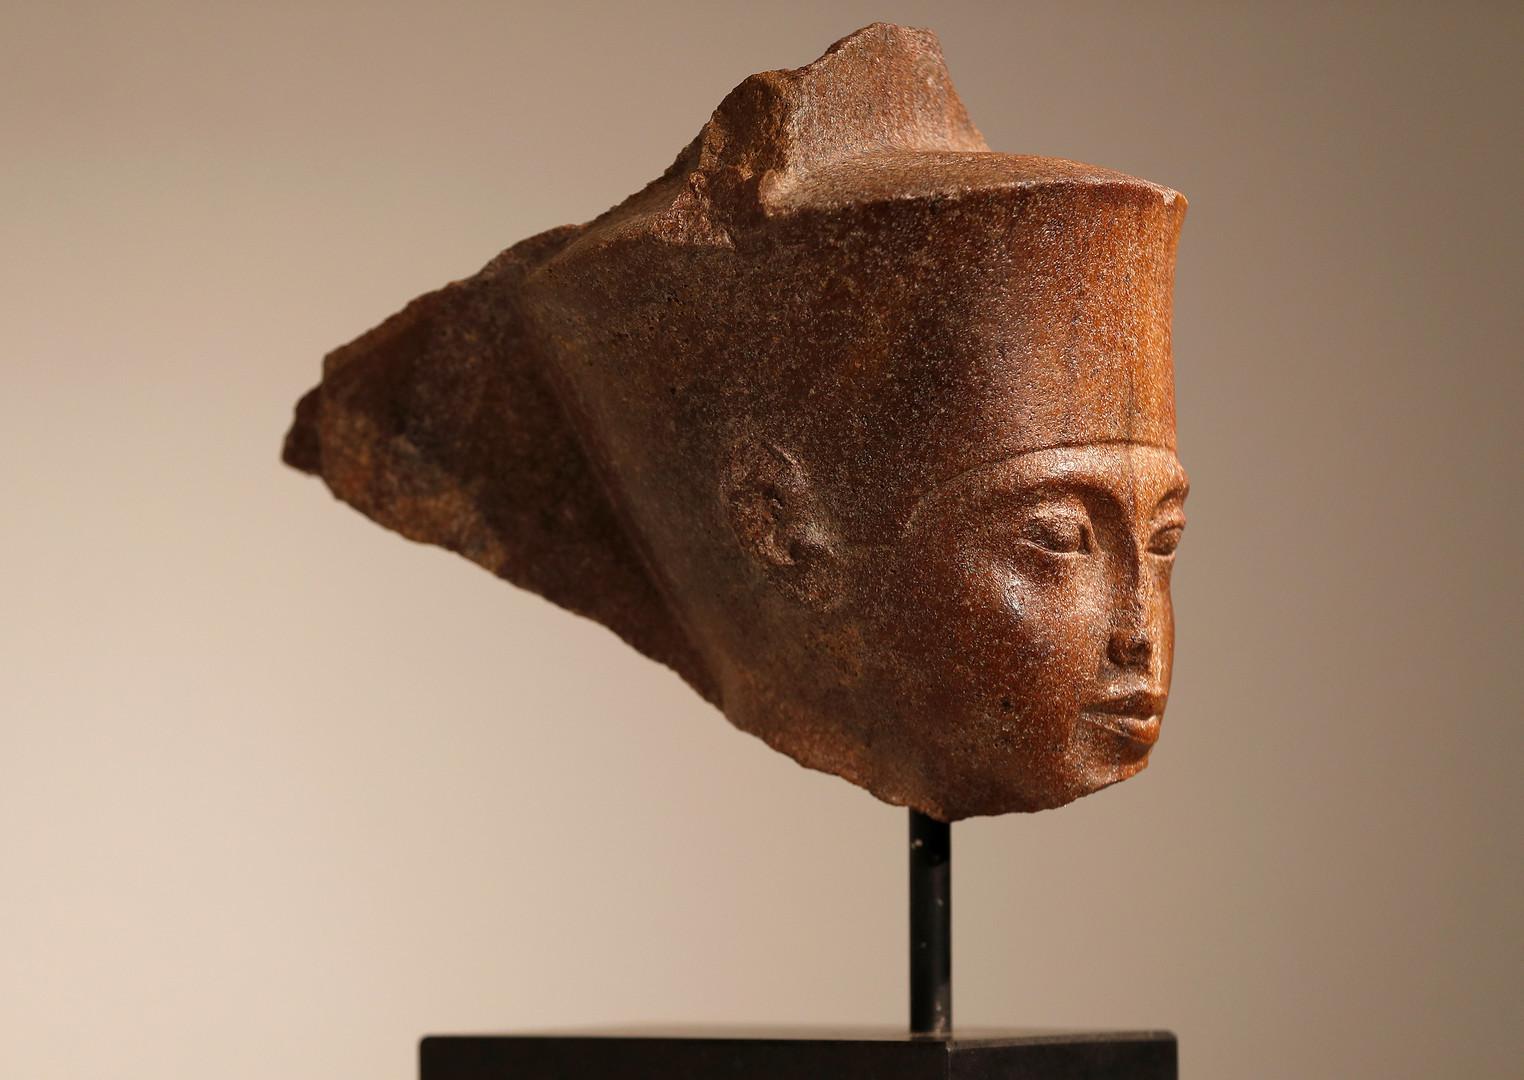 رأس تمثال الفرعون المصري، توت عنخ آمون، الذي تم بيعه في صالة المزادات